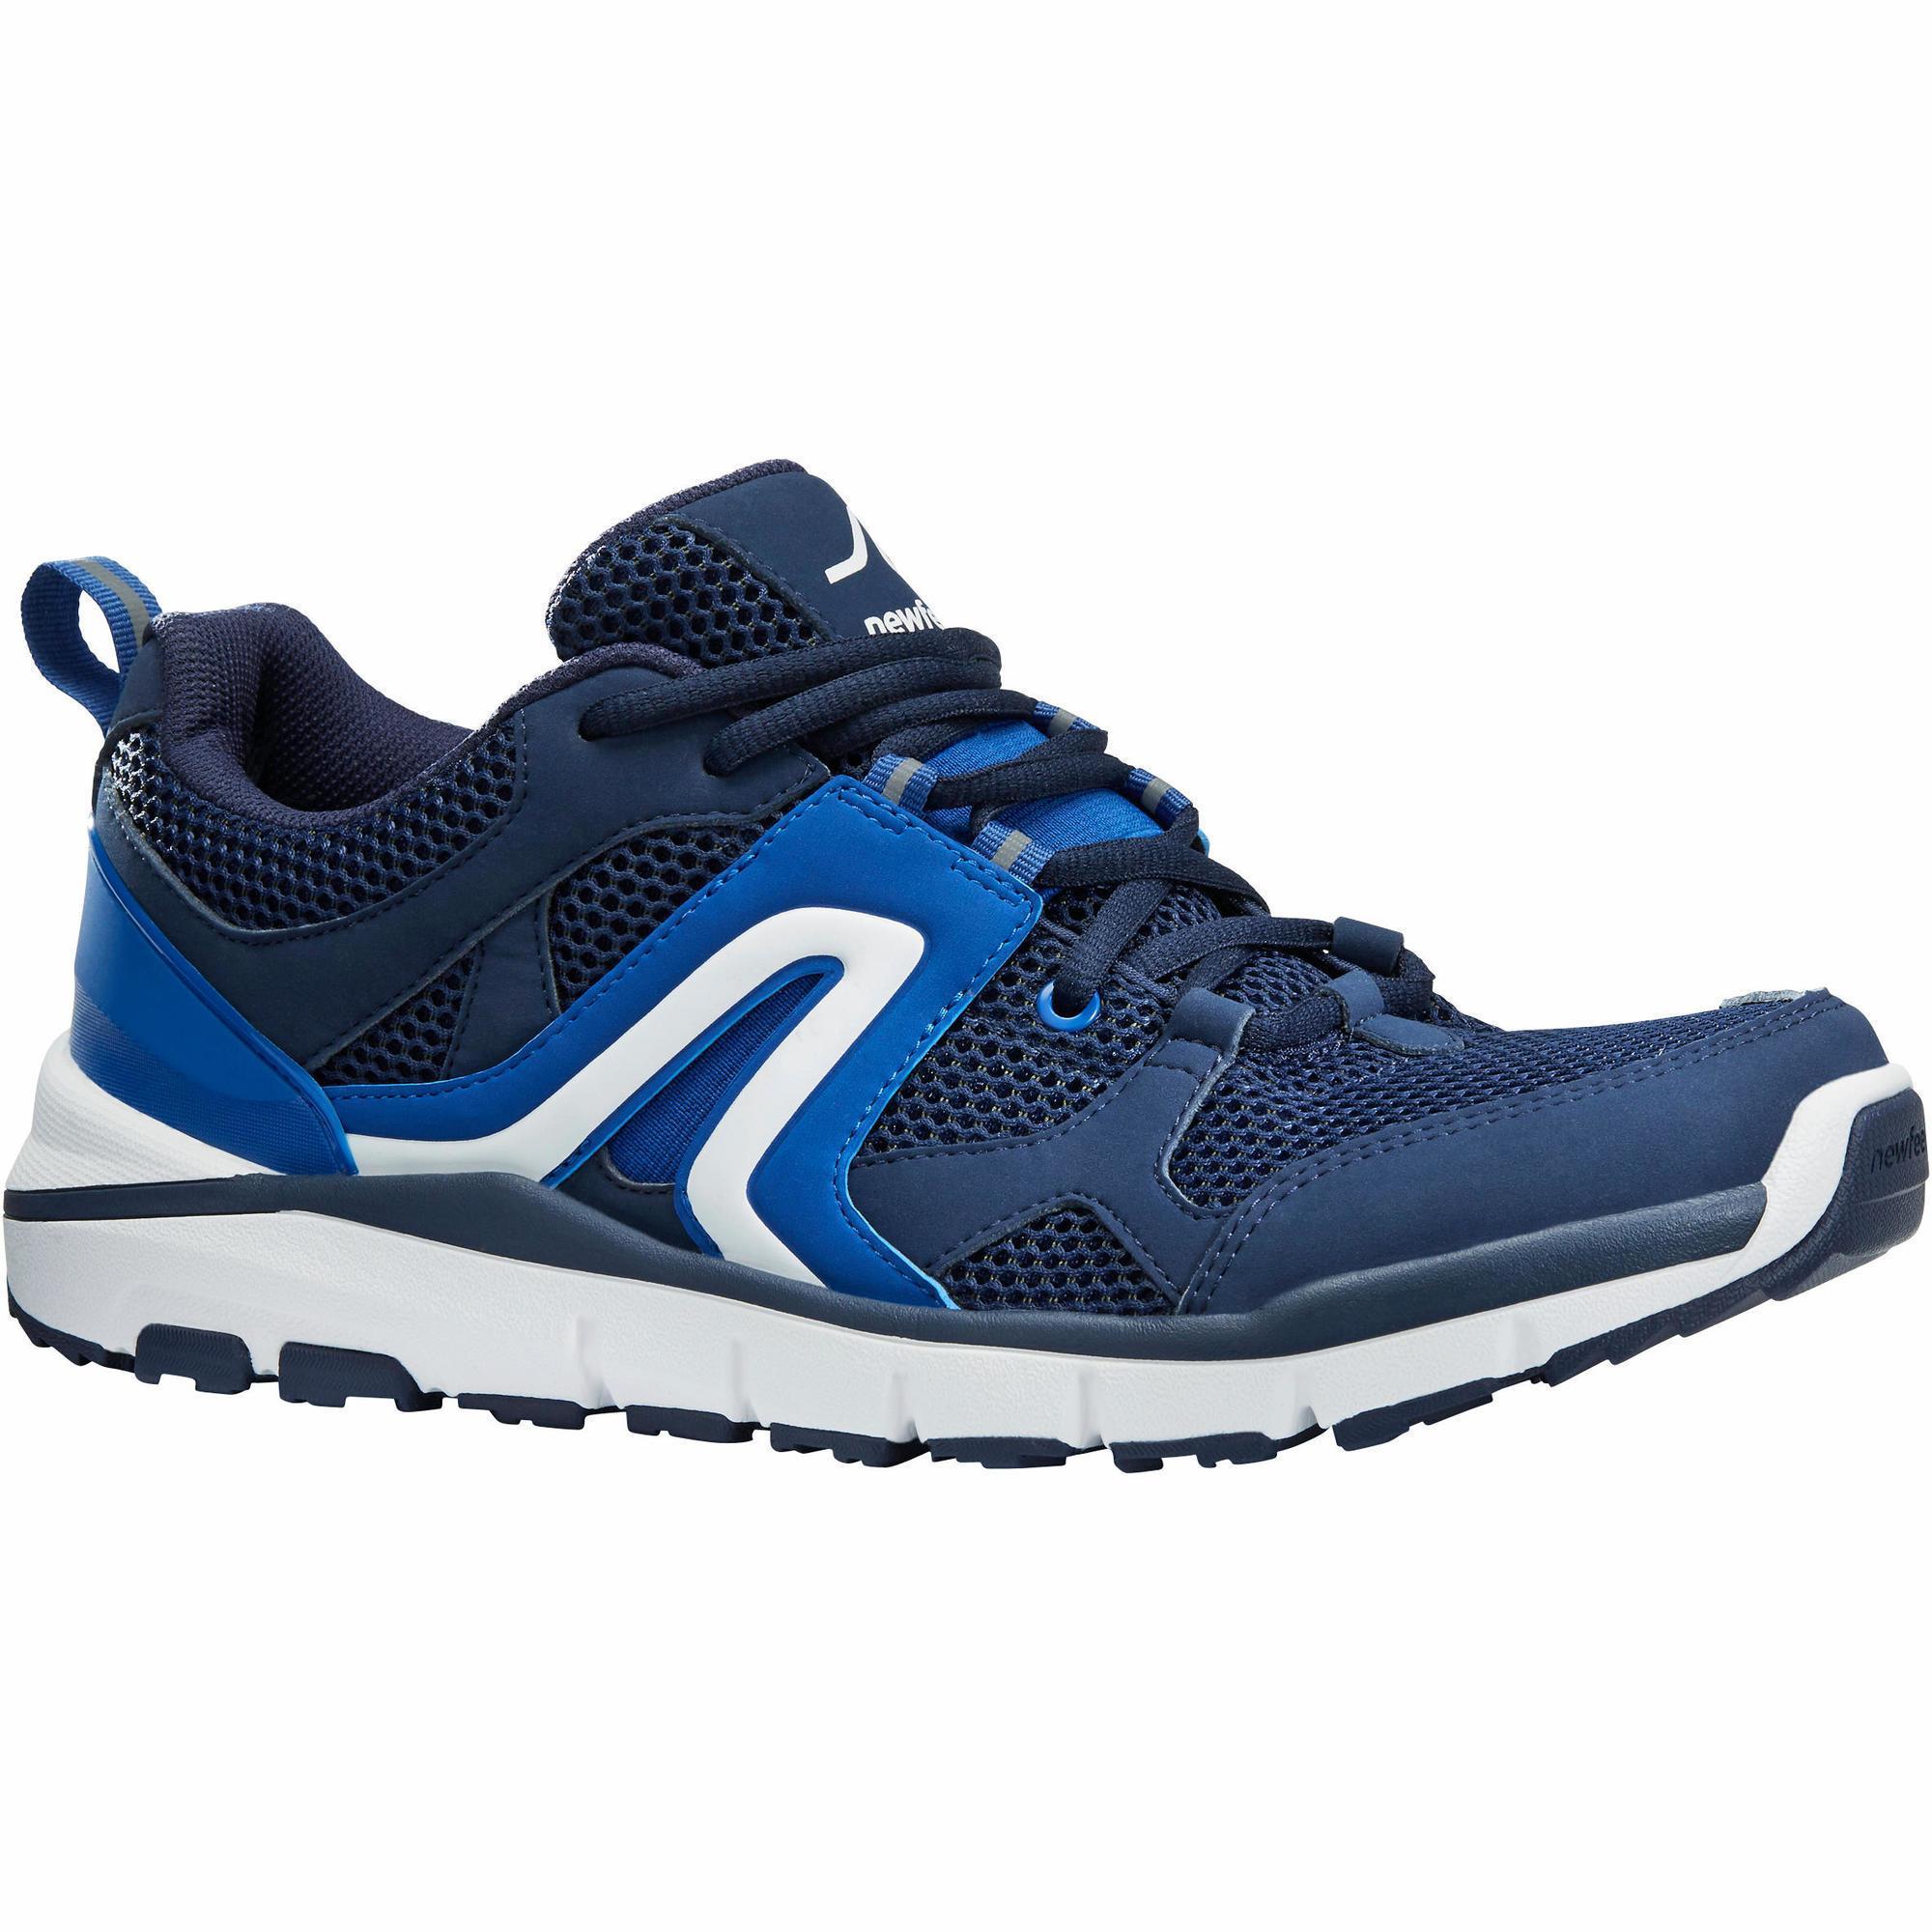 Chaussures de marche sportive Newfeel HW 500 pour Homme - Taille au choix